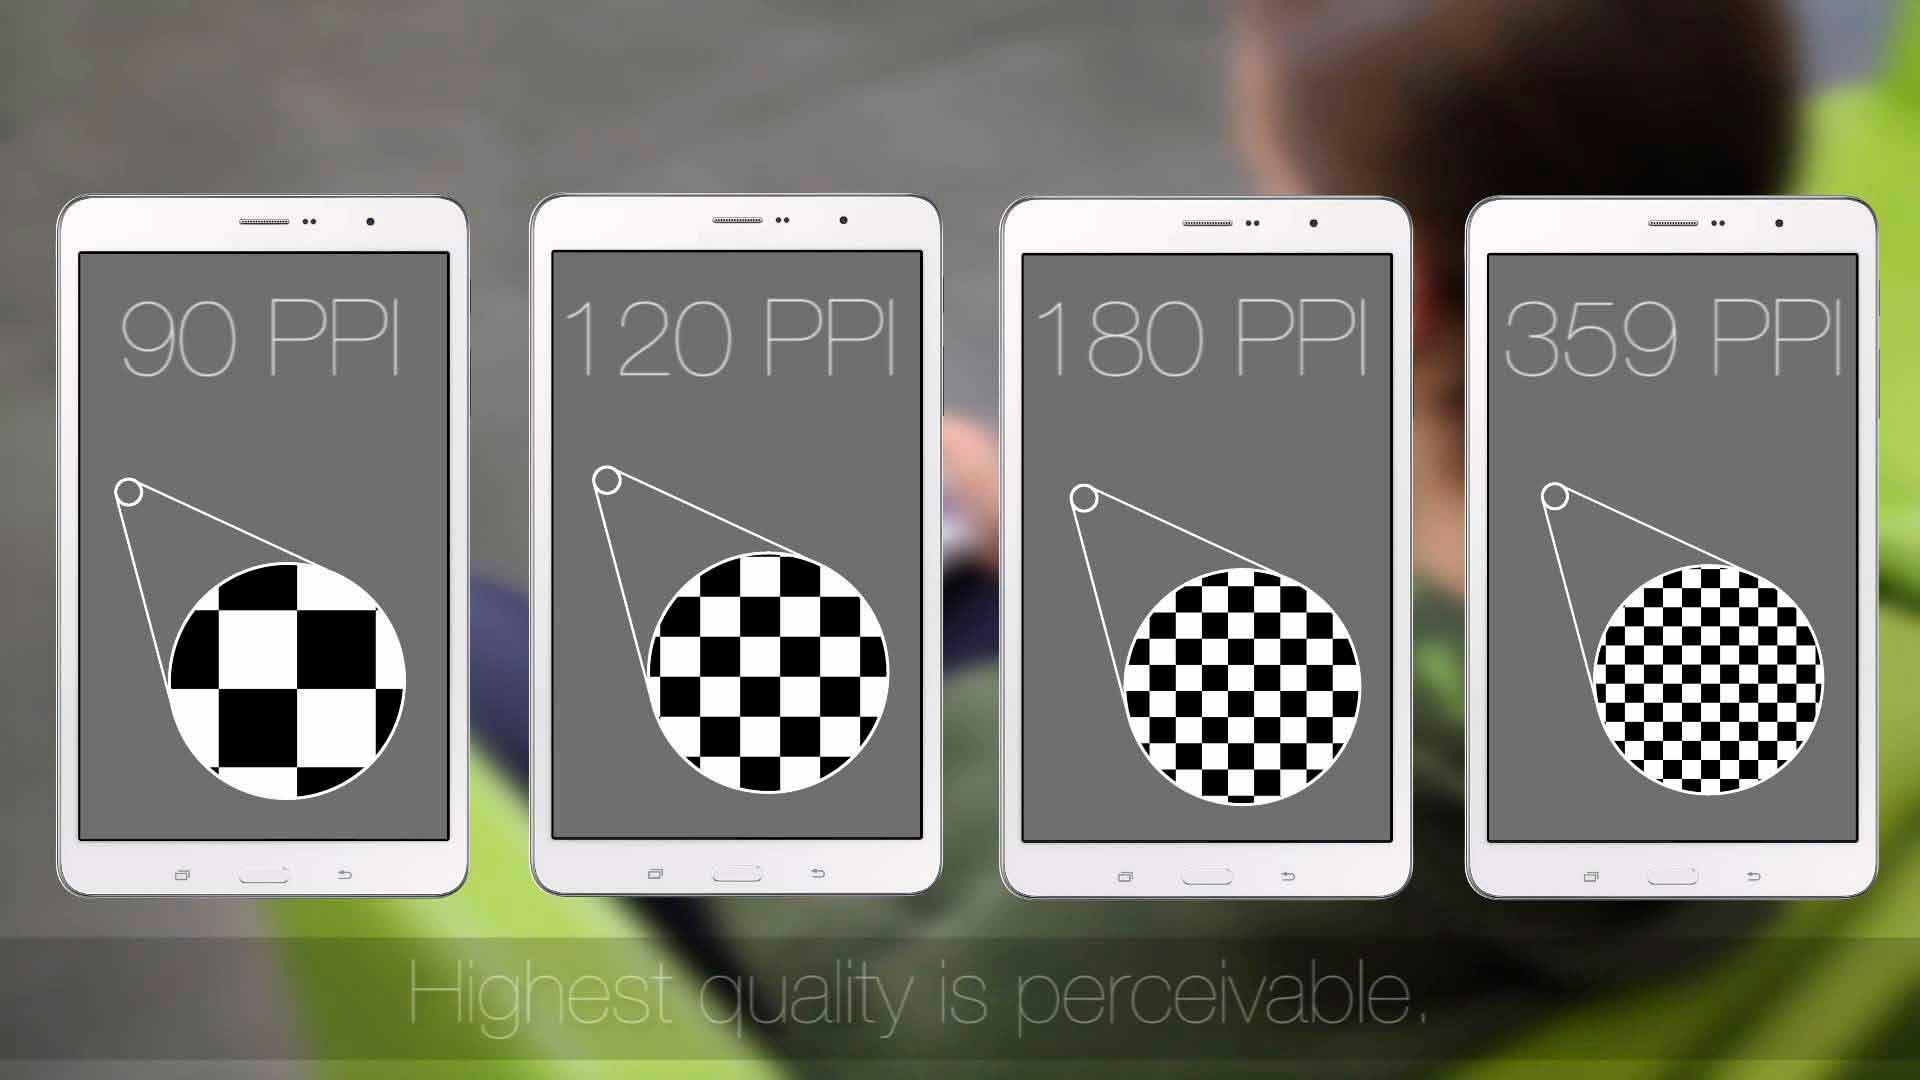 pulgadas-a-pixeles